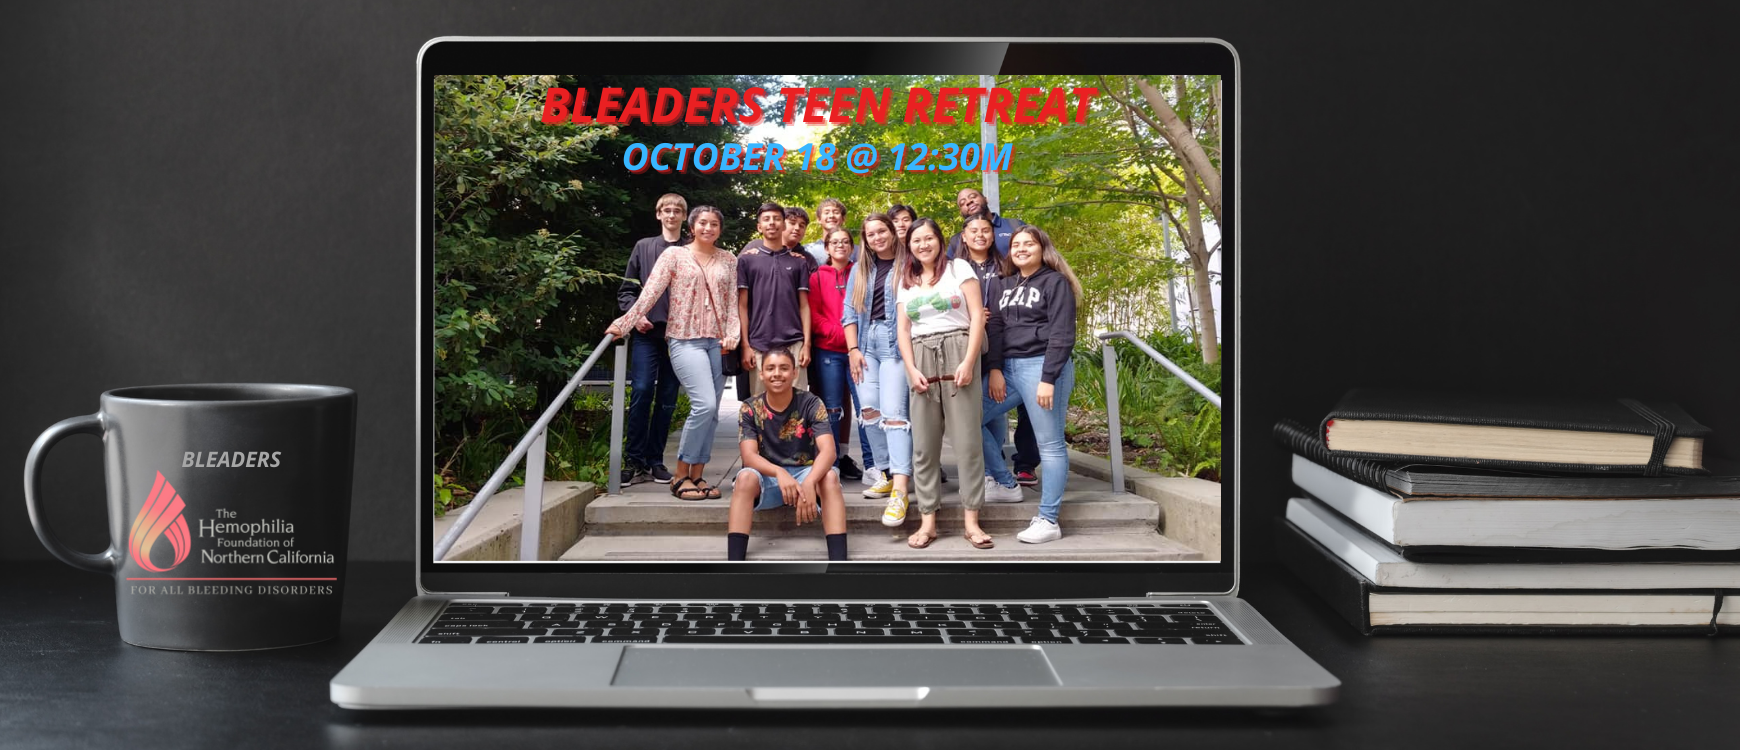 Bleaders Retreat 10/18